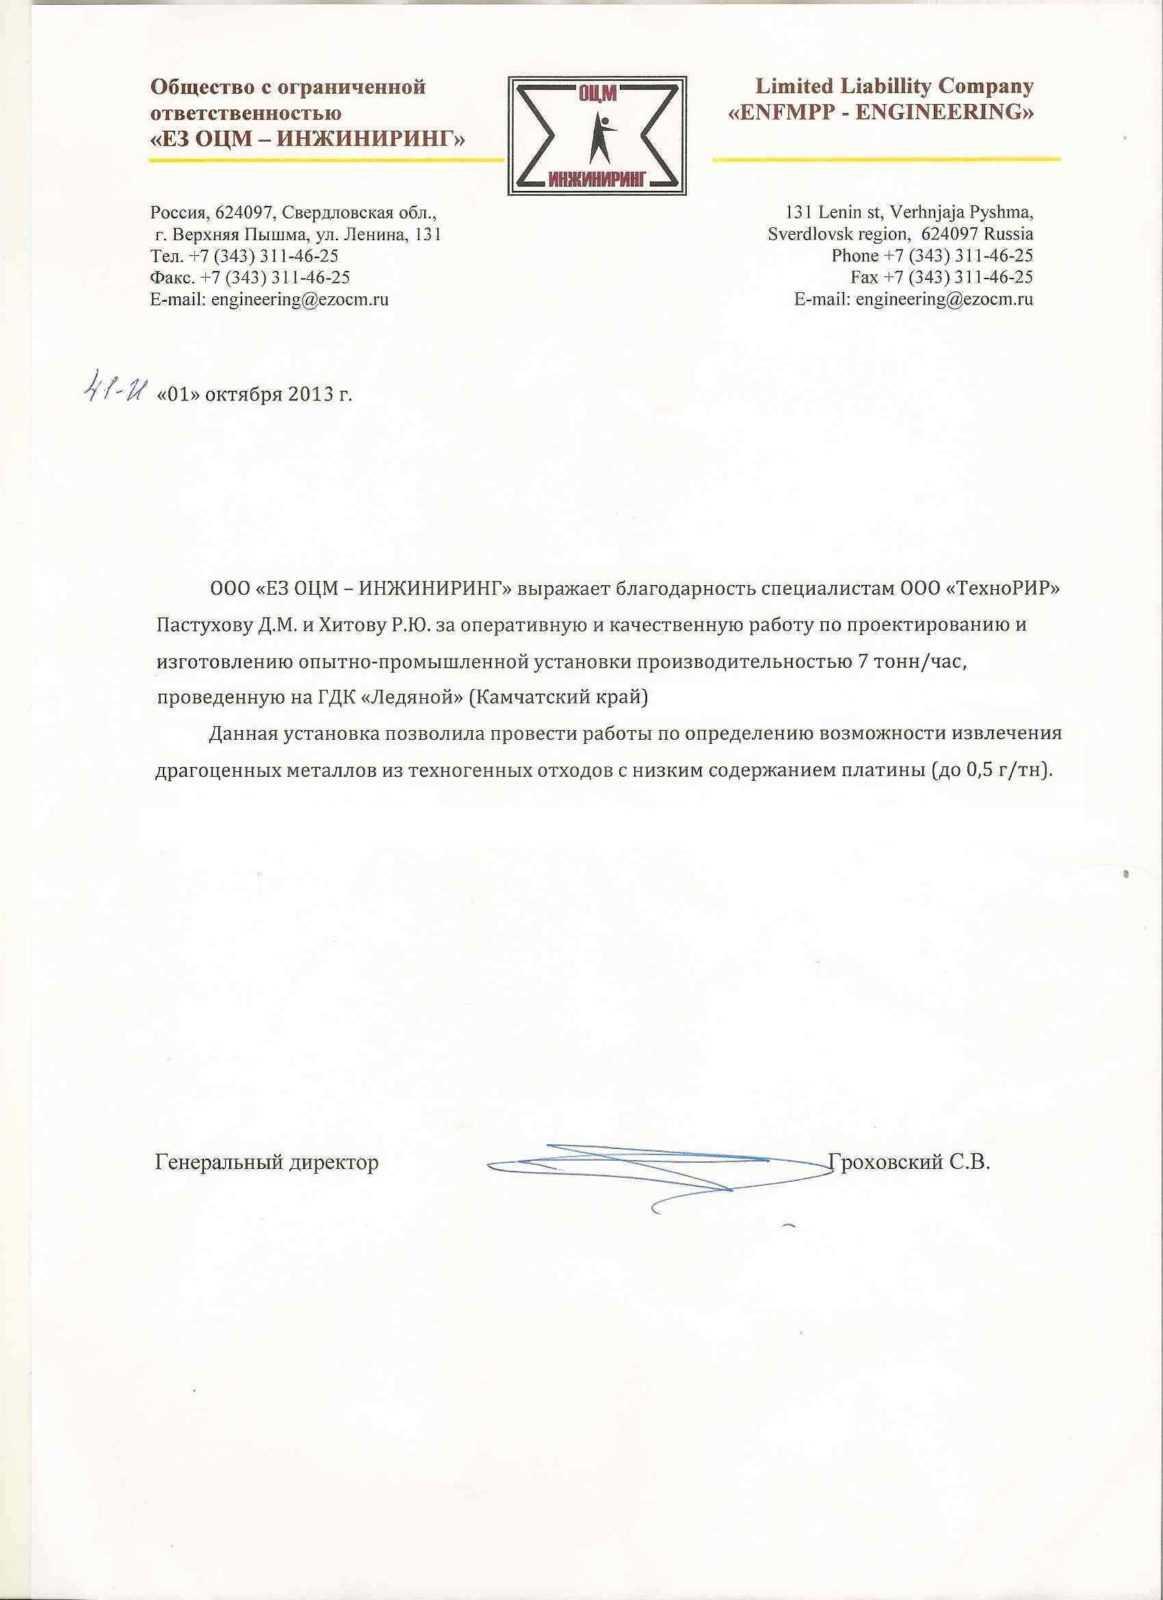 Благодарственное письмо ЕЗ ОЦМ - ИНЖИНИРИНГ